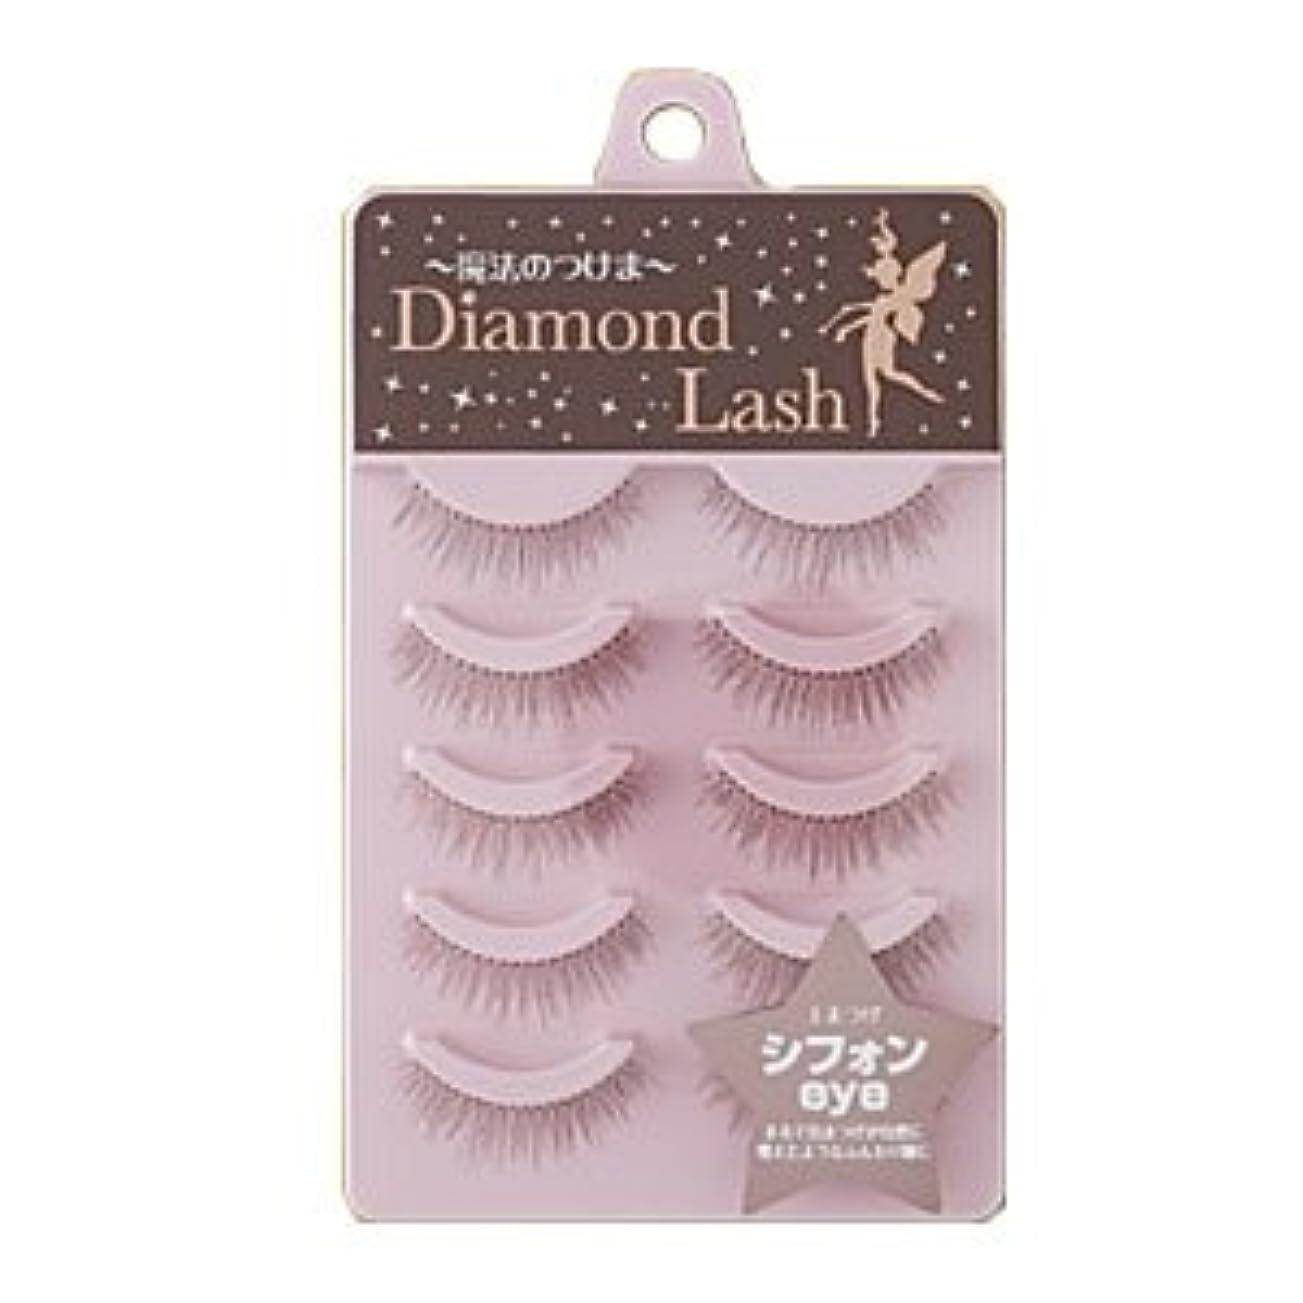 に対処するお風呂を持っているホテルダイヤモンドラッシュ Diamond Lash つけまつげ リッチブラウンシリーズ シフォンeye